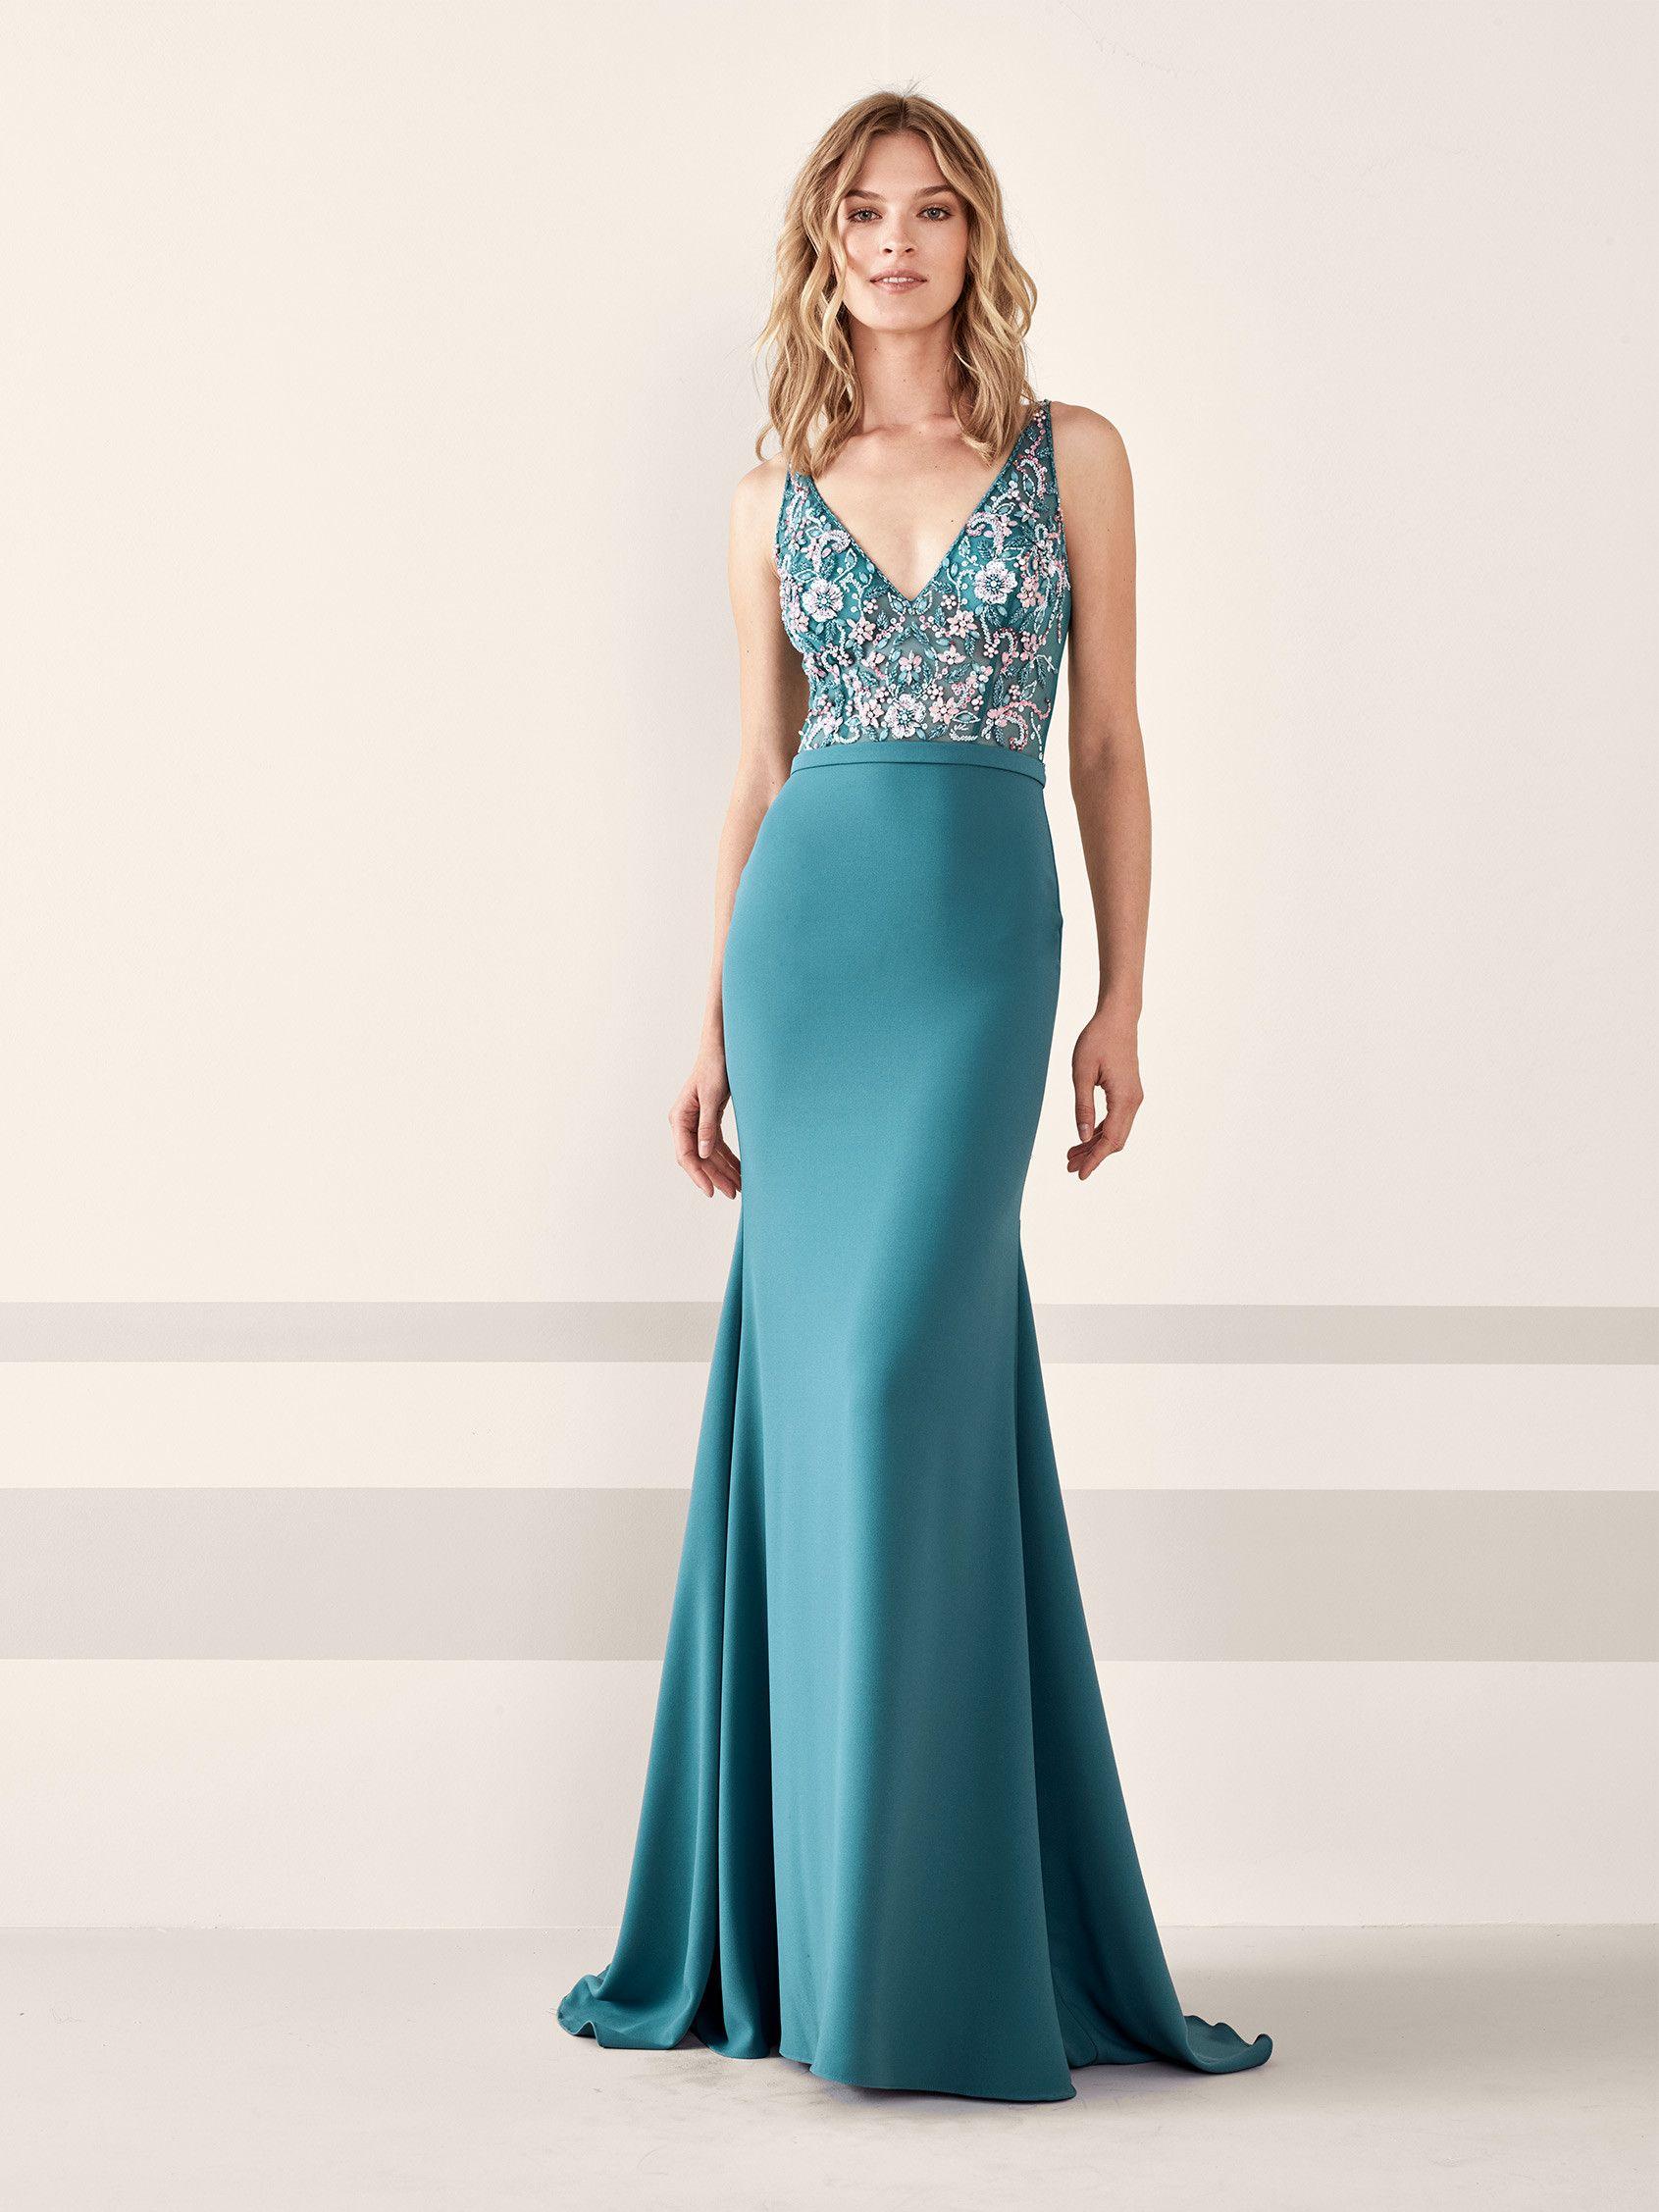 Silver sequins embellished dress